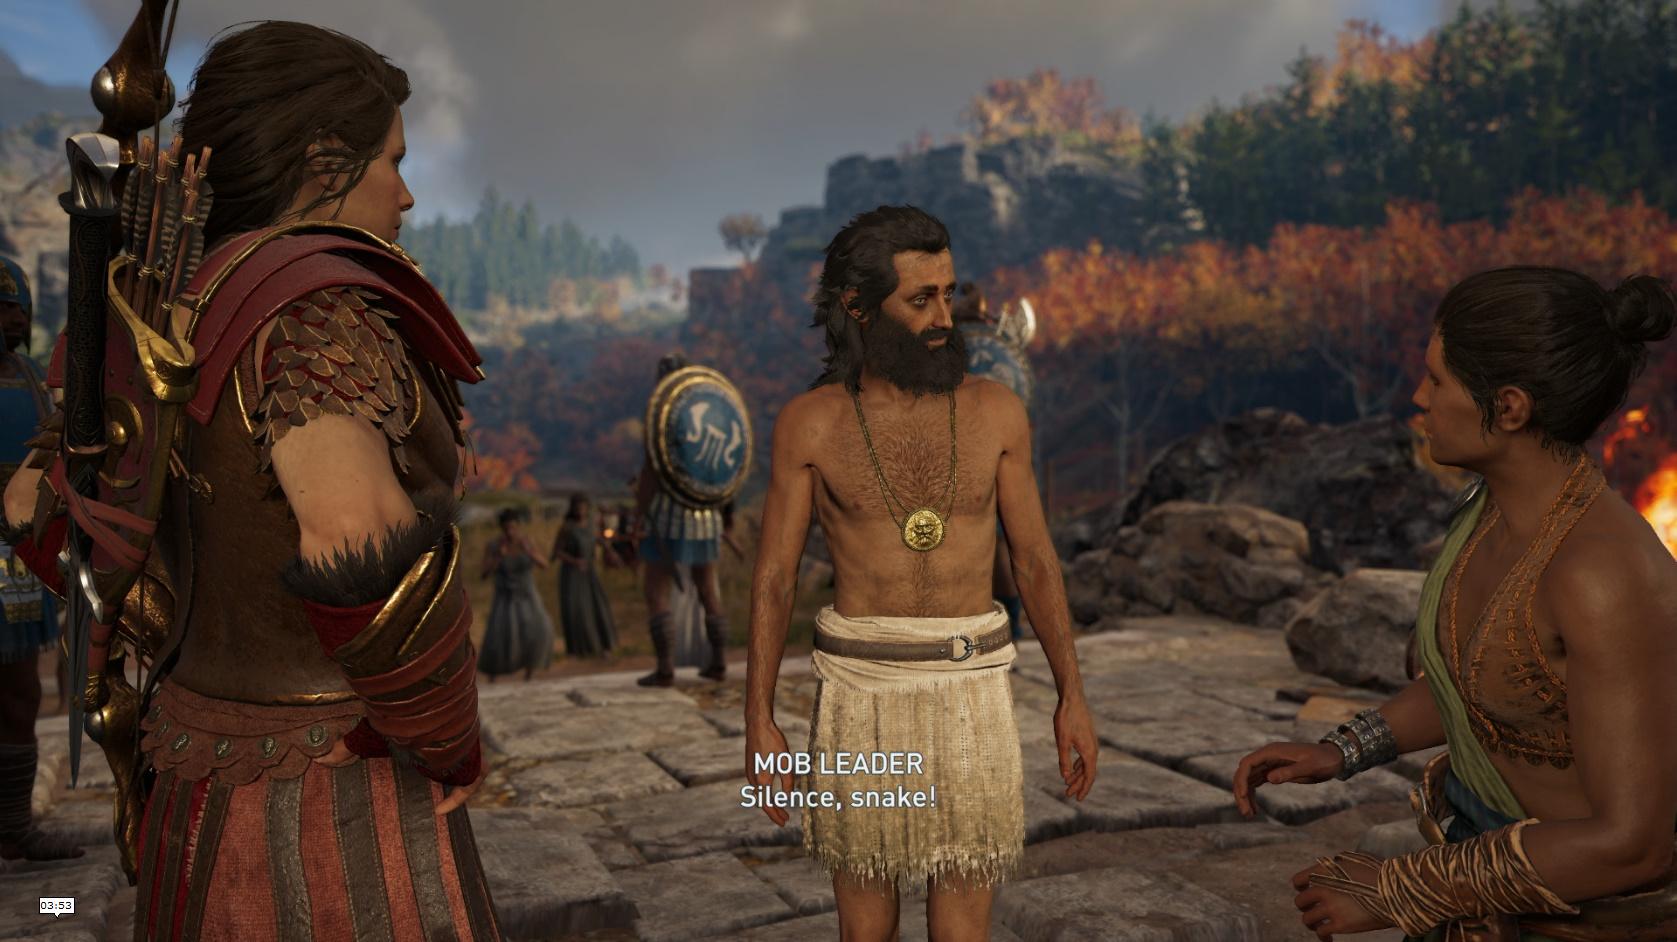 男たちはBryceが村に呪いをかけたという